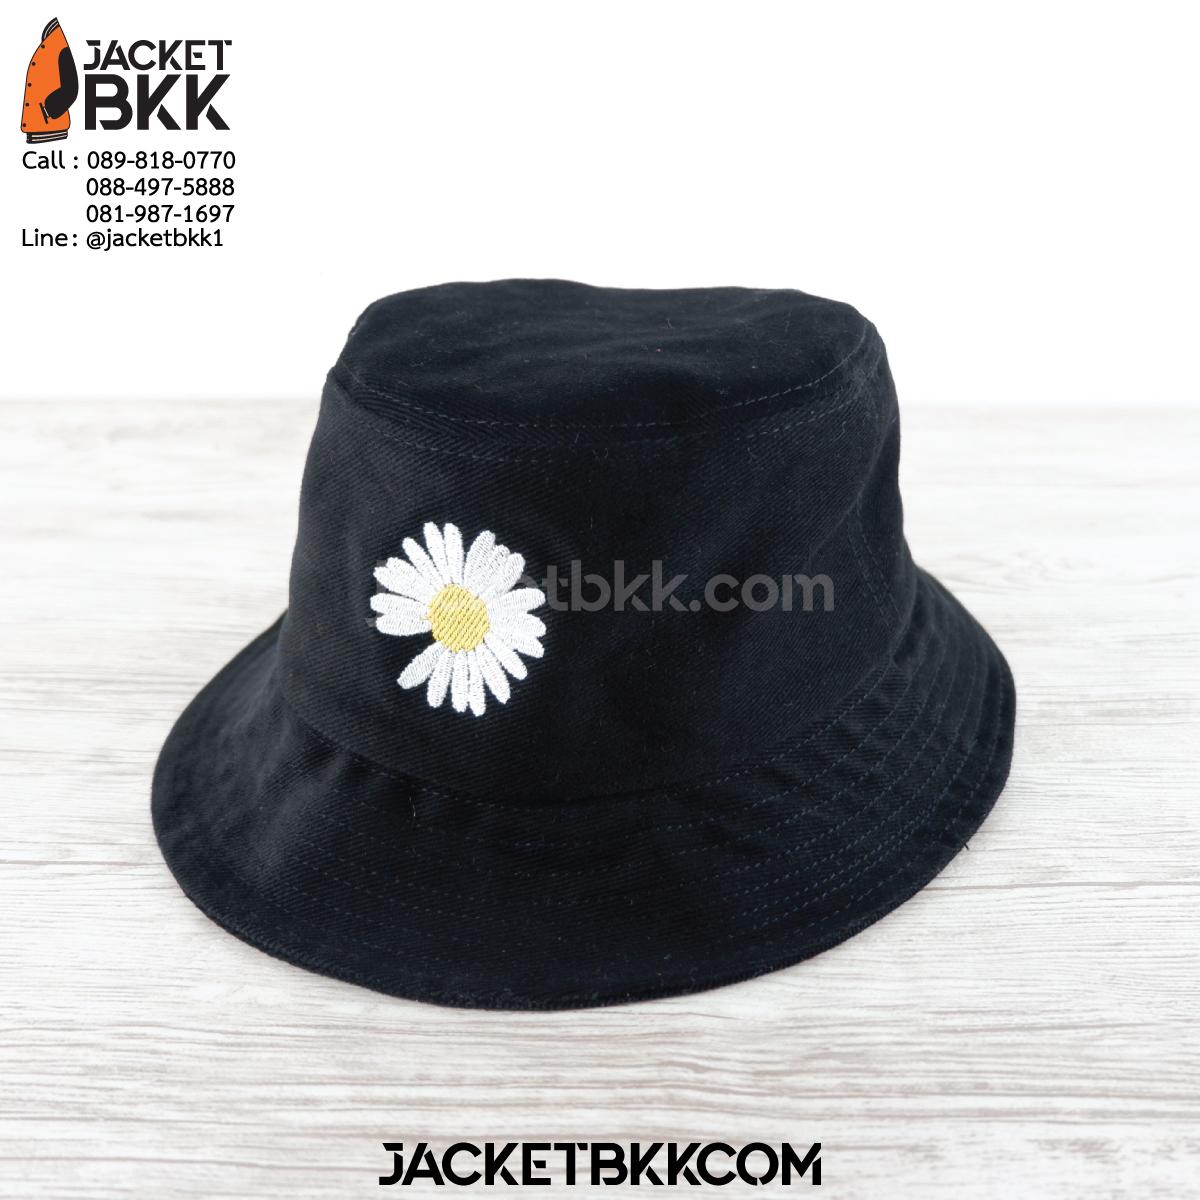 ผลงาน - หมวกปีกรอบ หรือหมวกบักเก็ต (Bucket Hat) พร้อมงานปัก สวยๆ